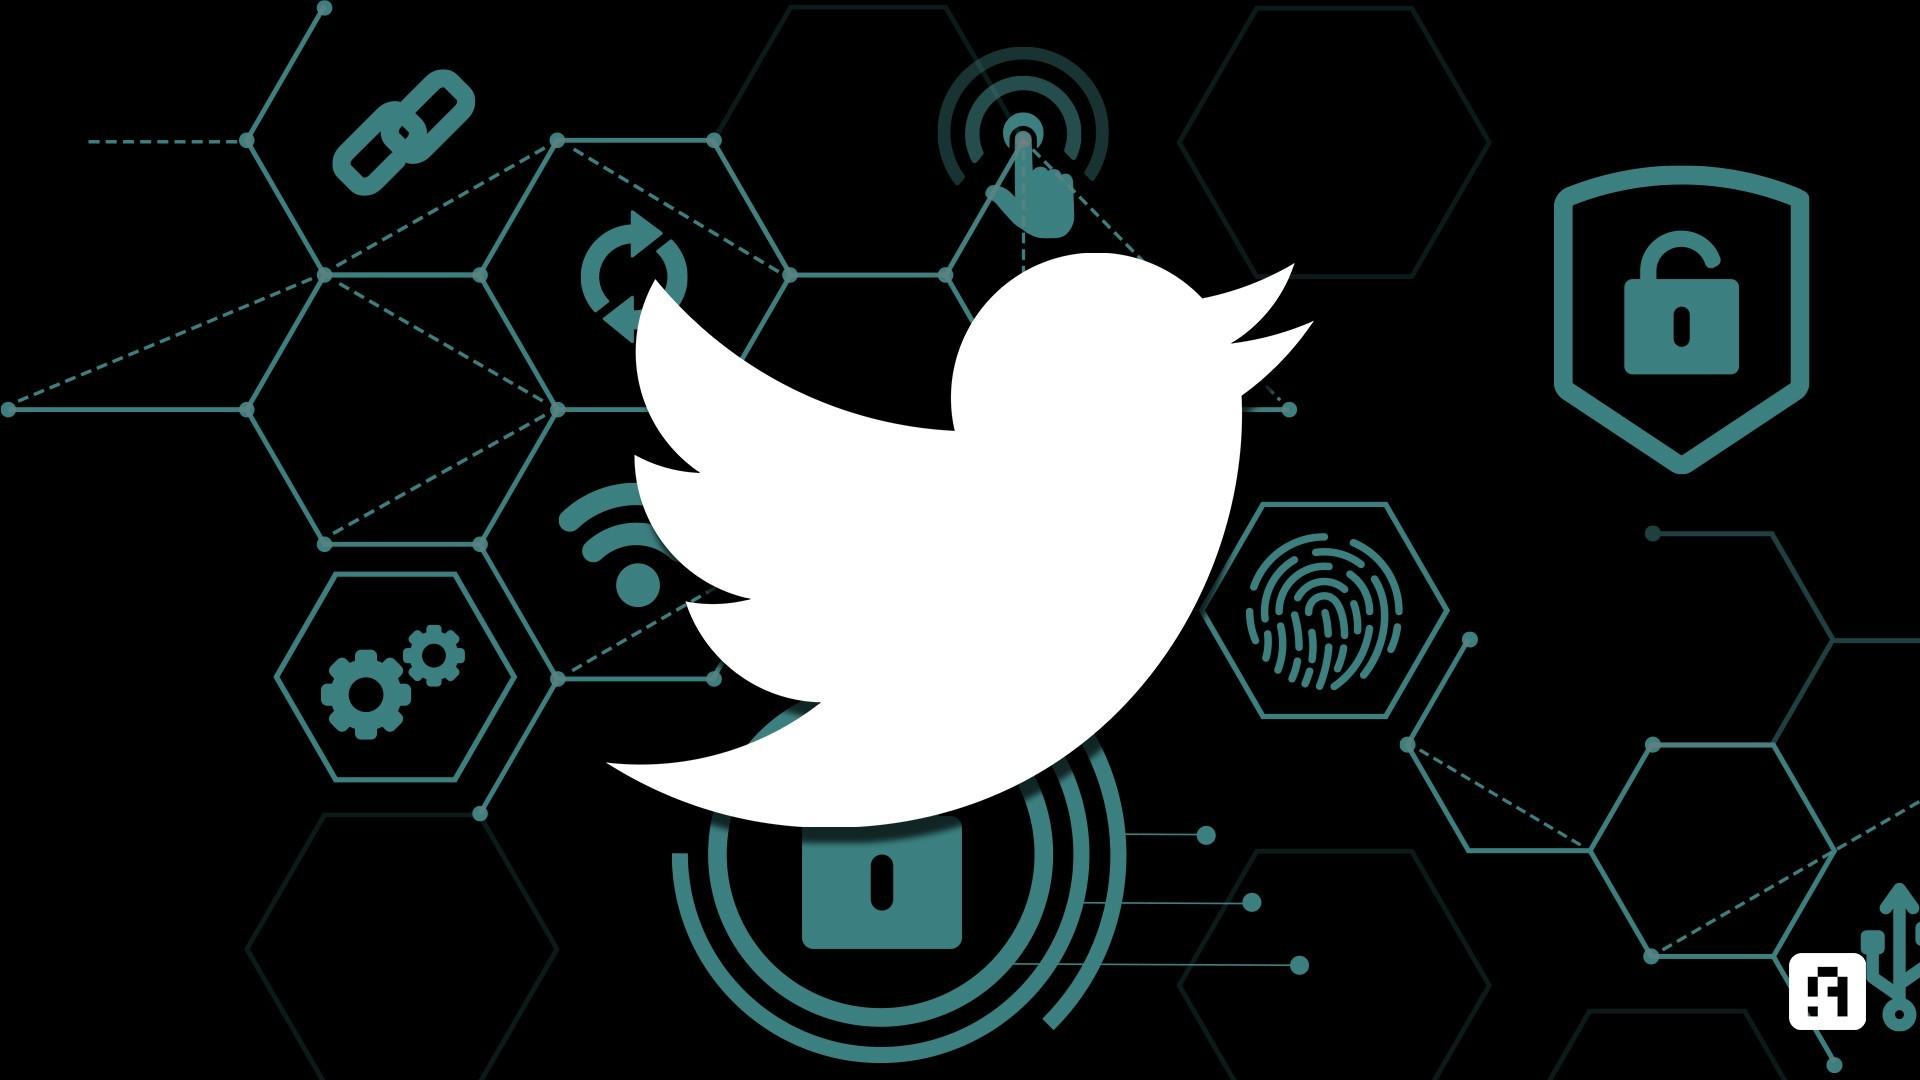 تويتر - عرب هاردوير